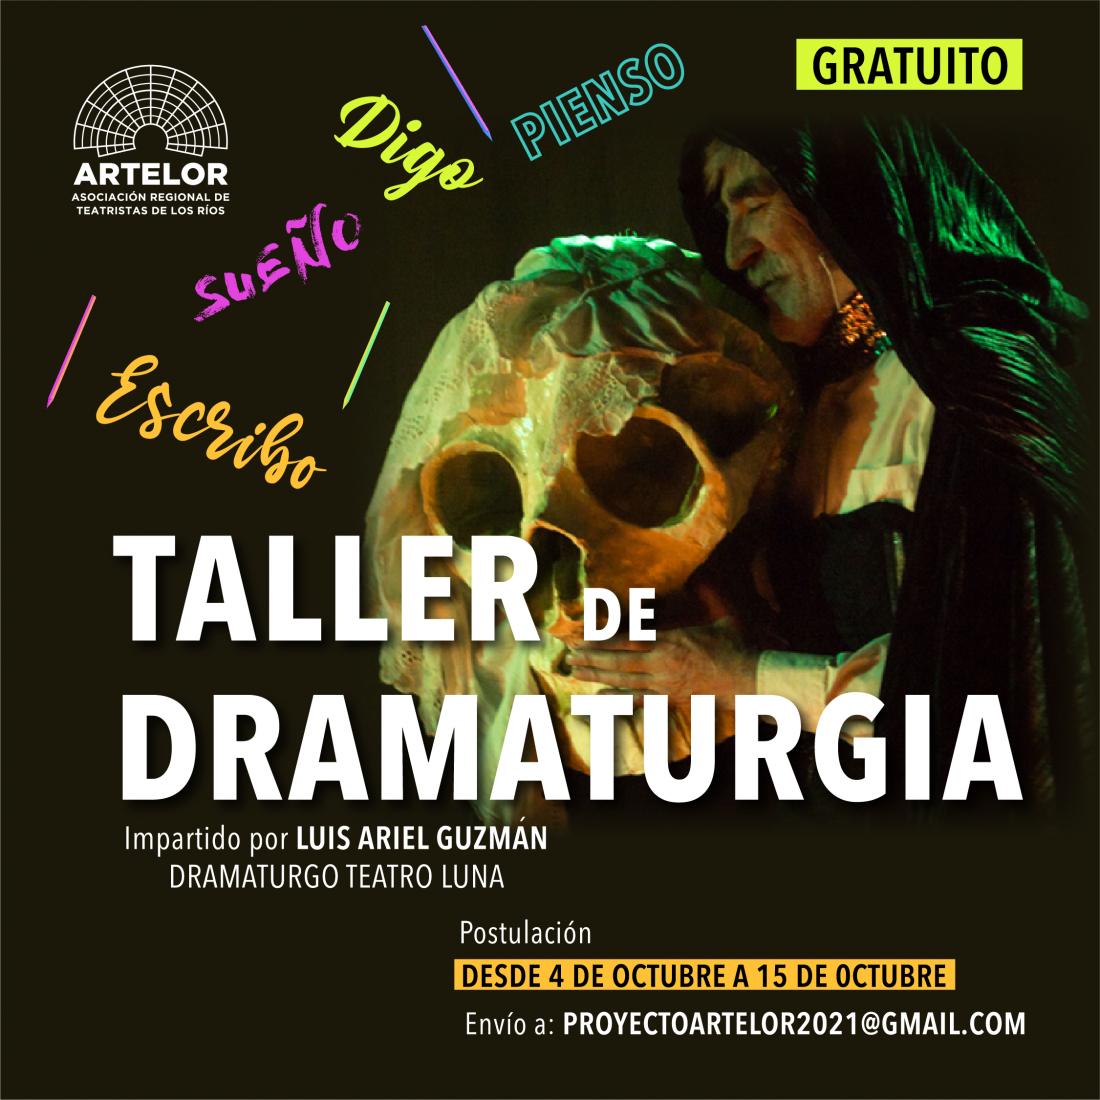 Asociación de Teatristas de Los Ríos invita a Taller de Dramaturgia